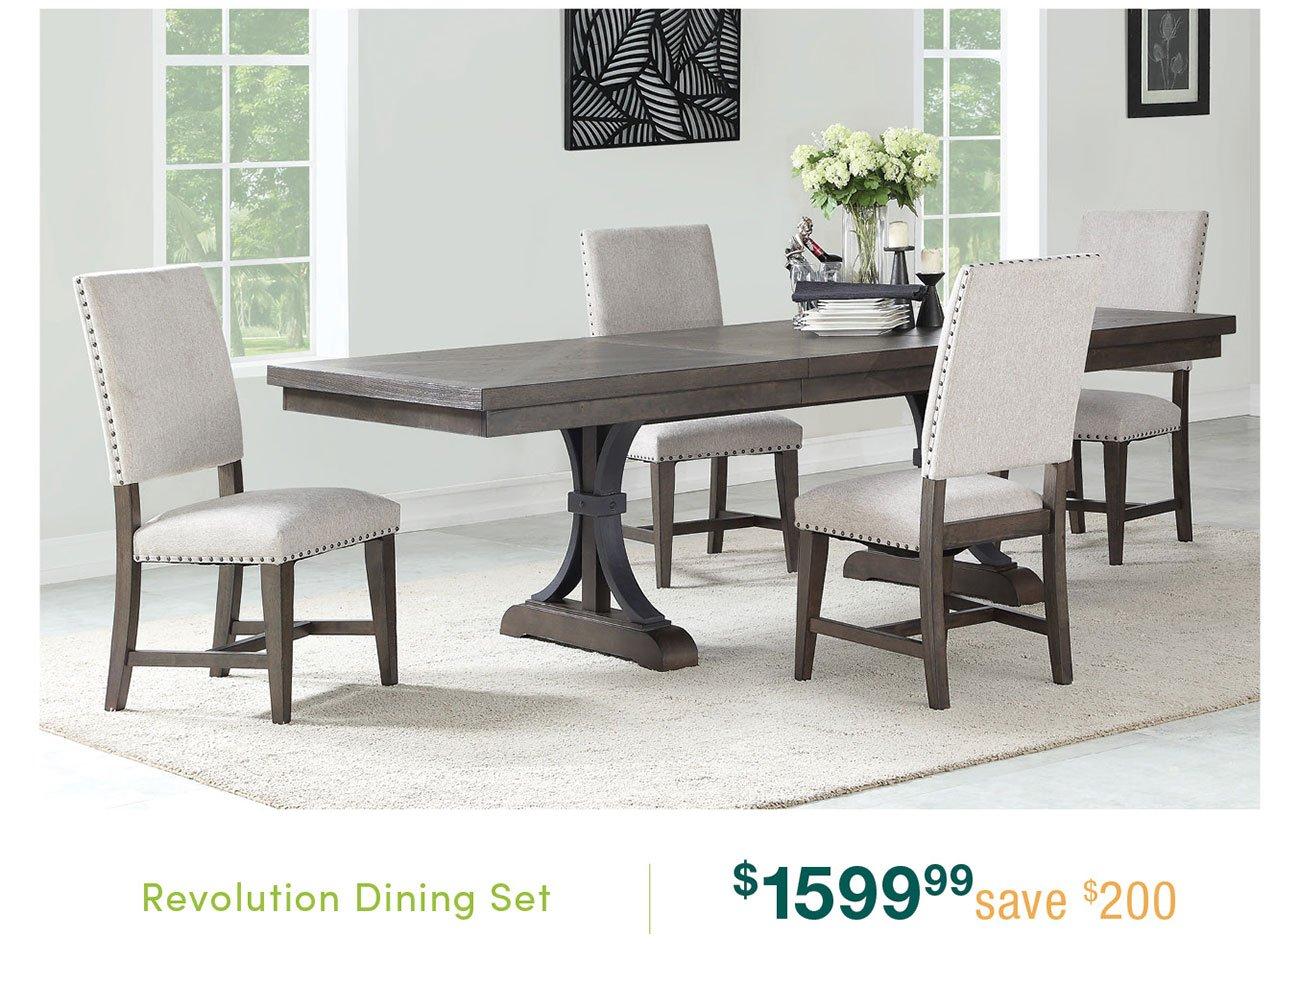 Revolution-dining-set